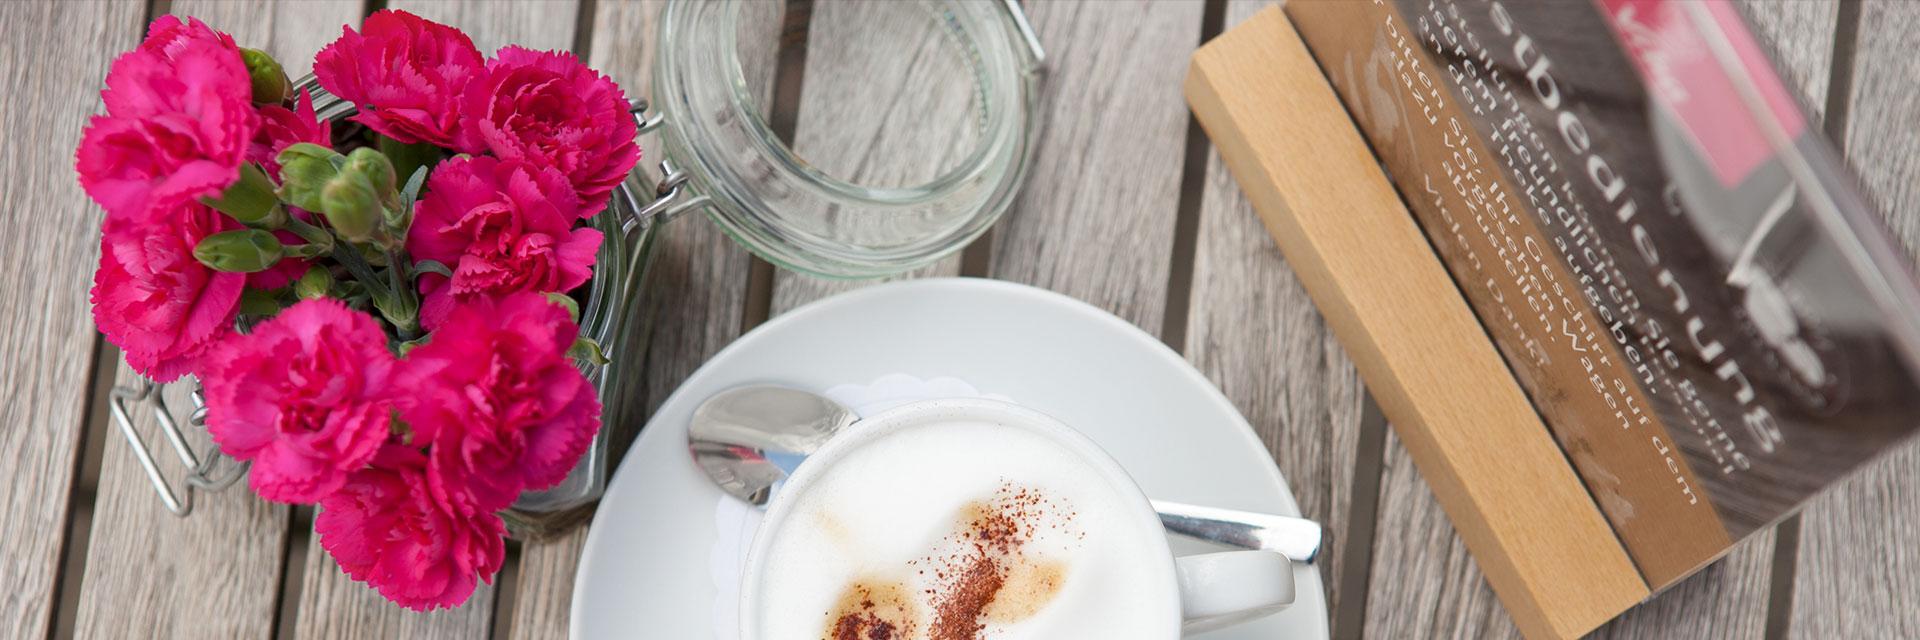 Unser Confiserie Café erfurt besitzt Außen einige Kaffeetische.